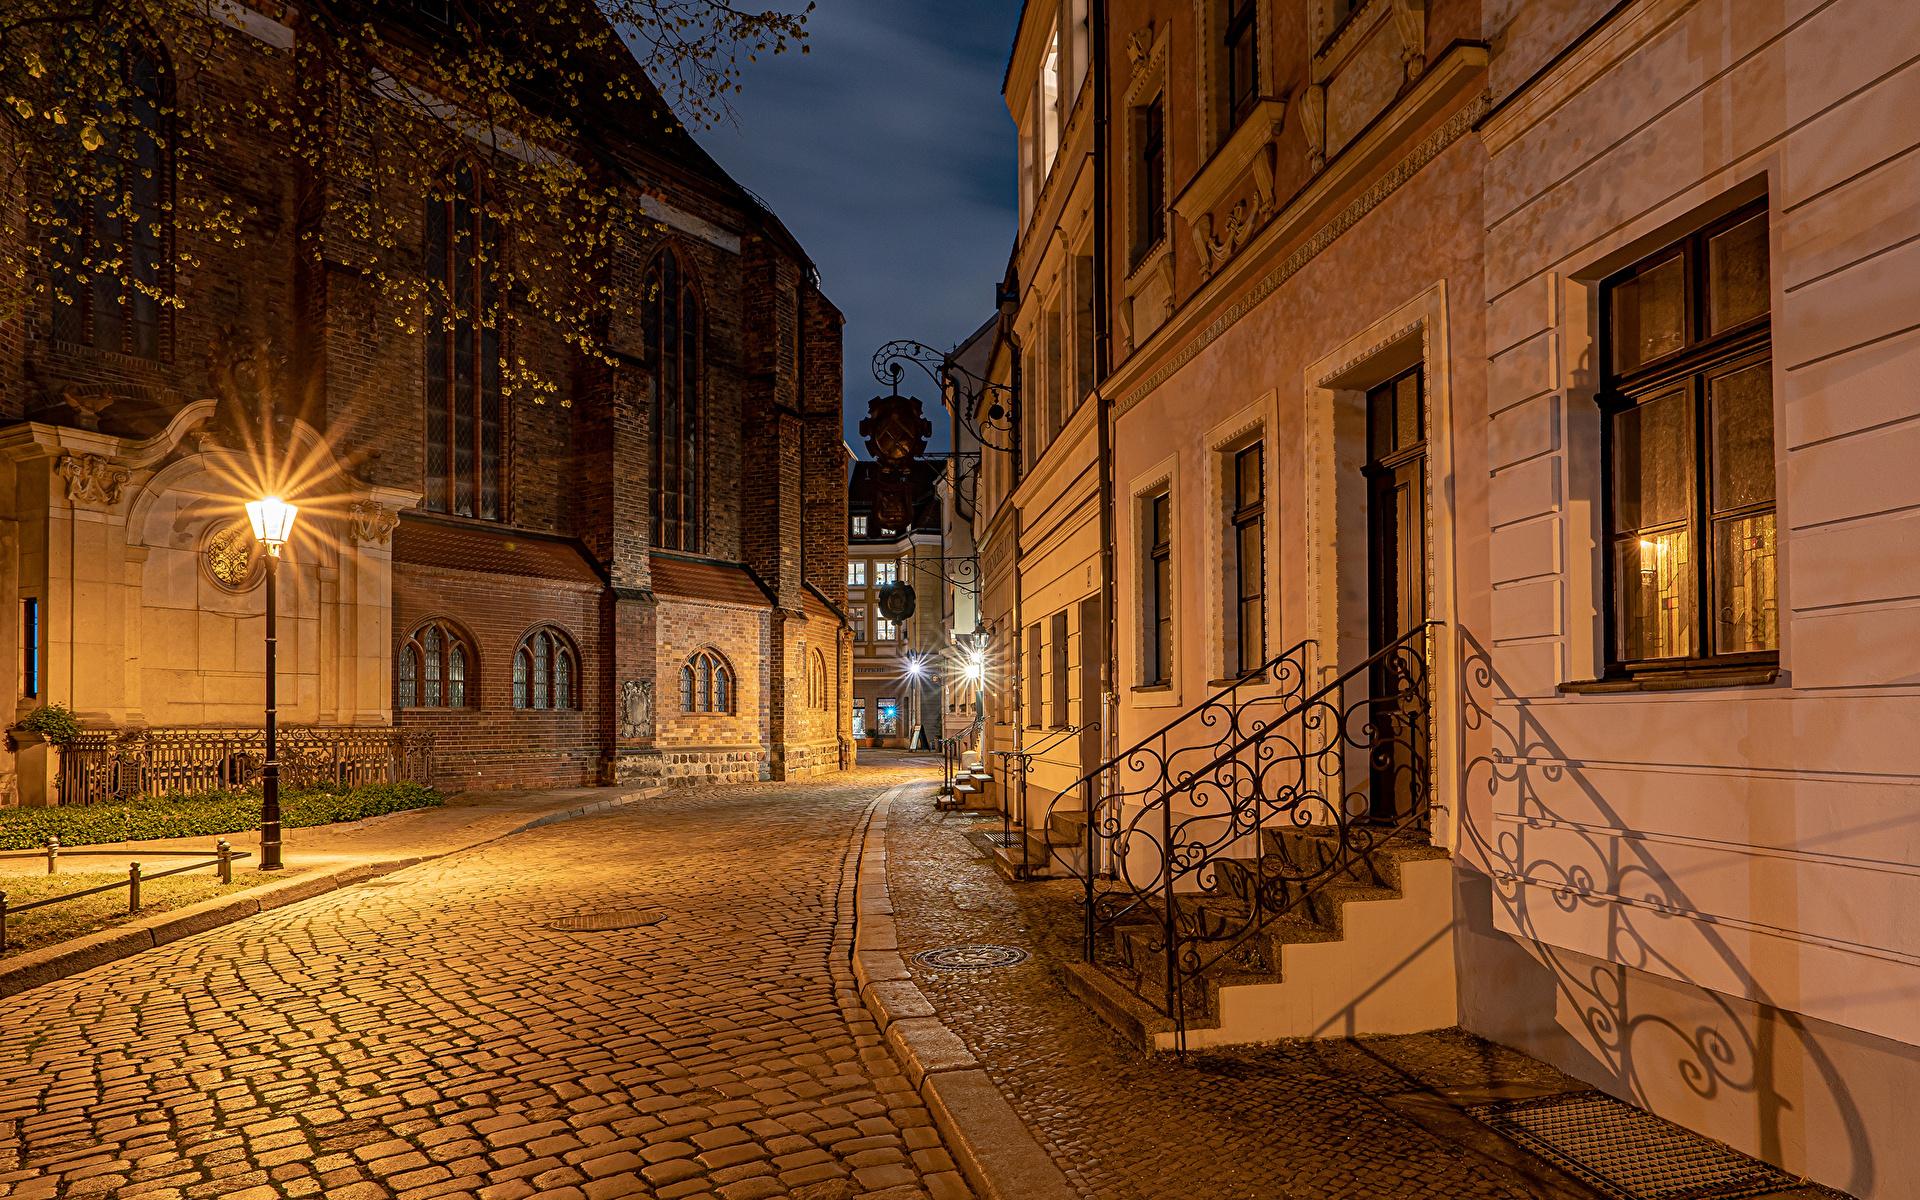 Картинка Берлин Германия Улица Уличные фонари Дома город 1920x1200 улиц улице Здания Города